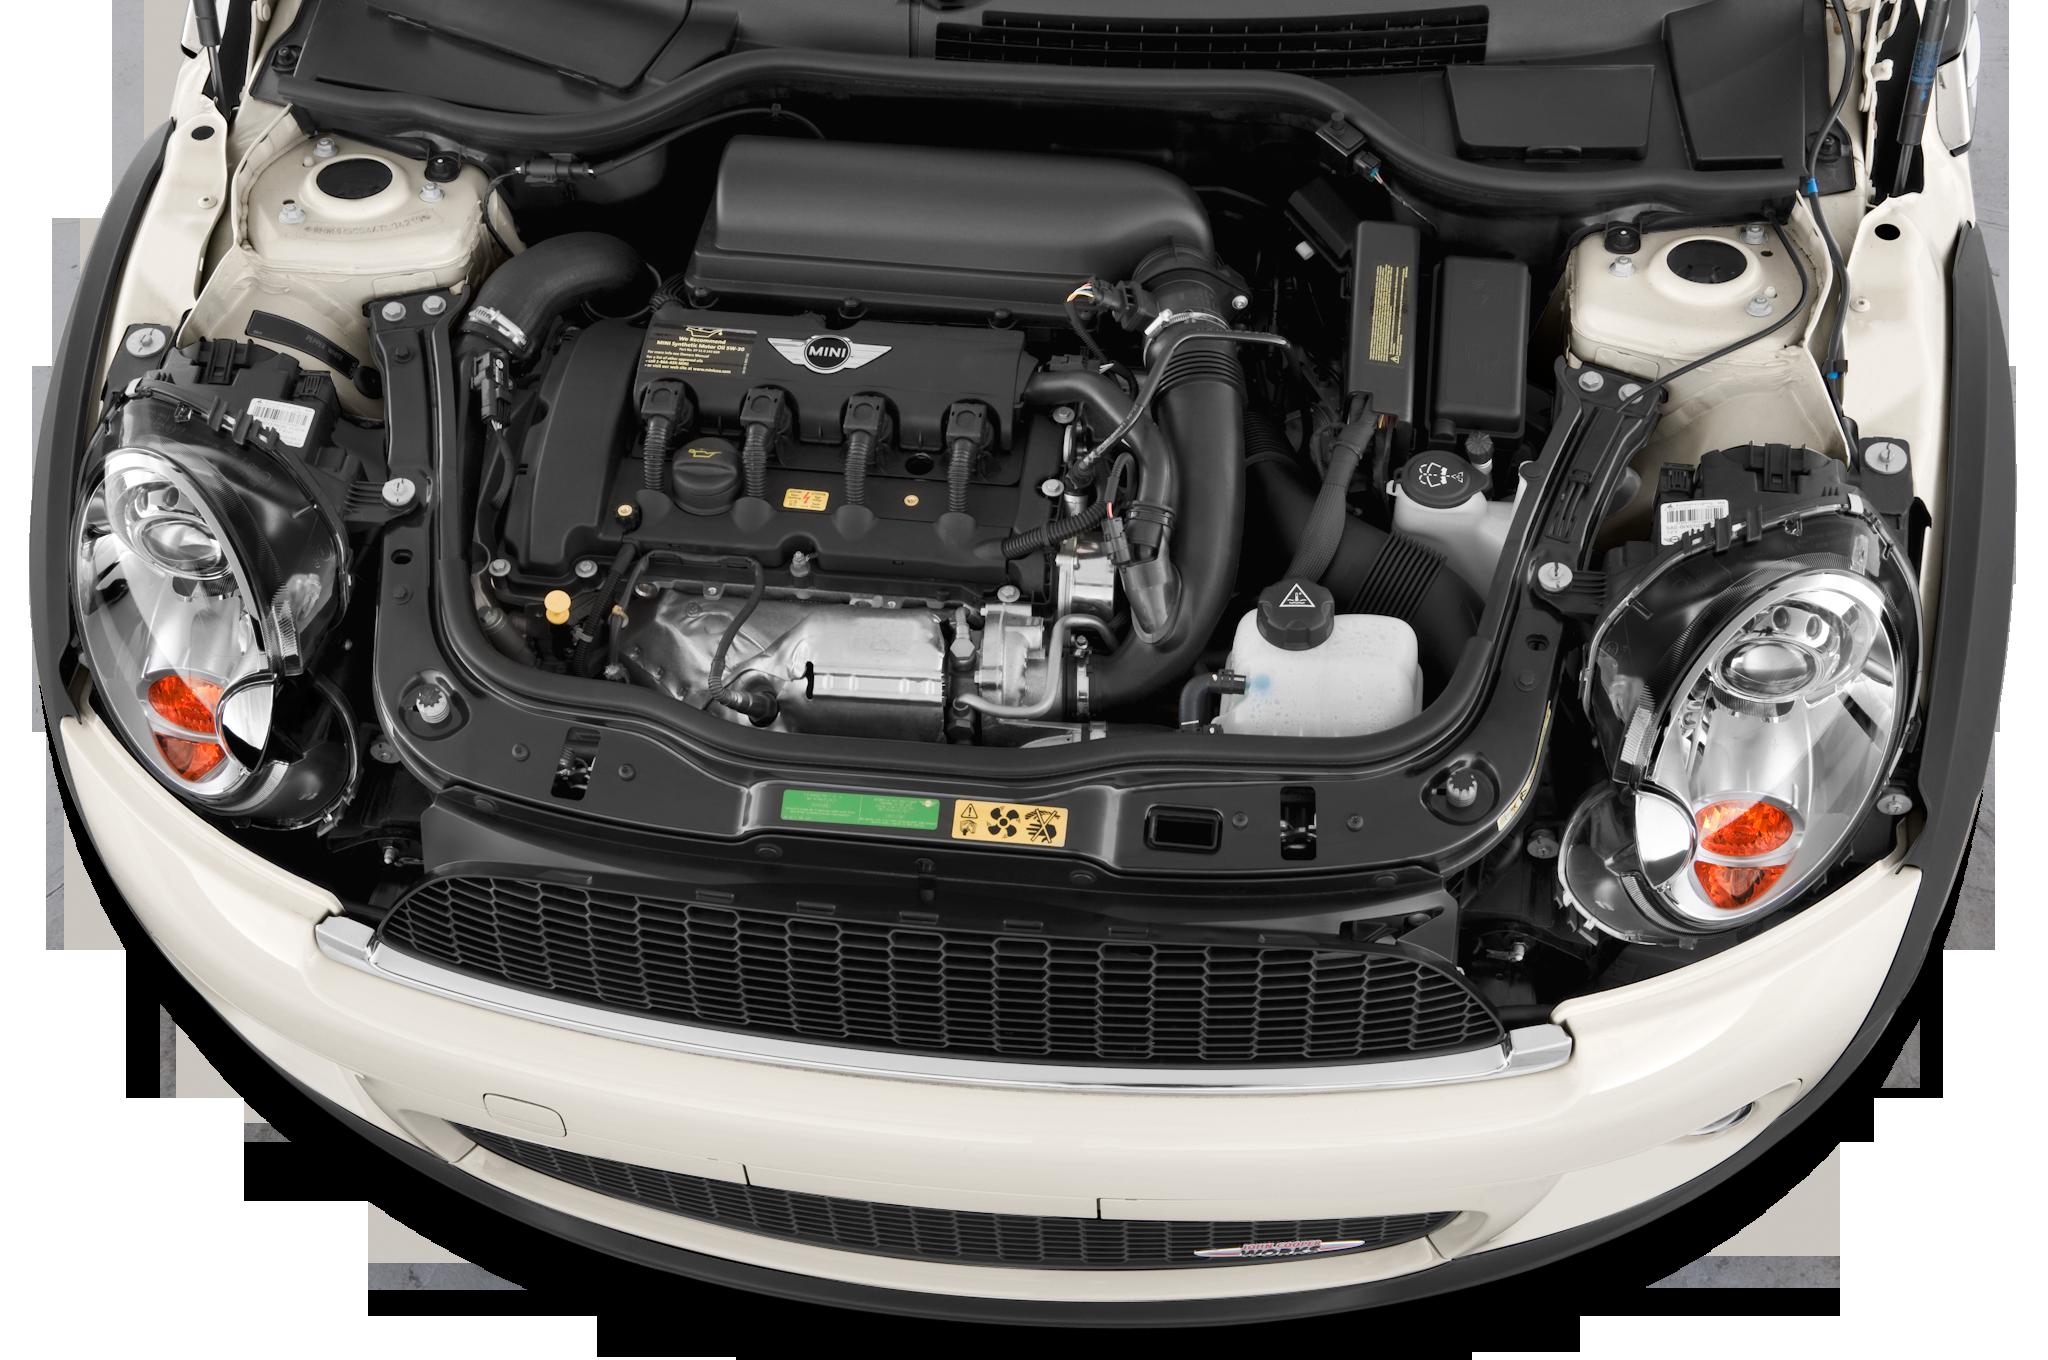 2010 Mini Cooper Camden Edition Mini Compact Coupe Review